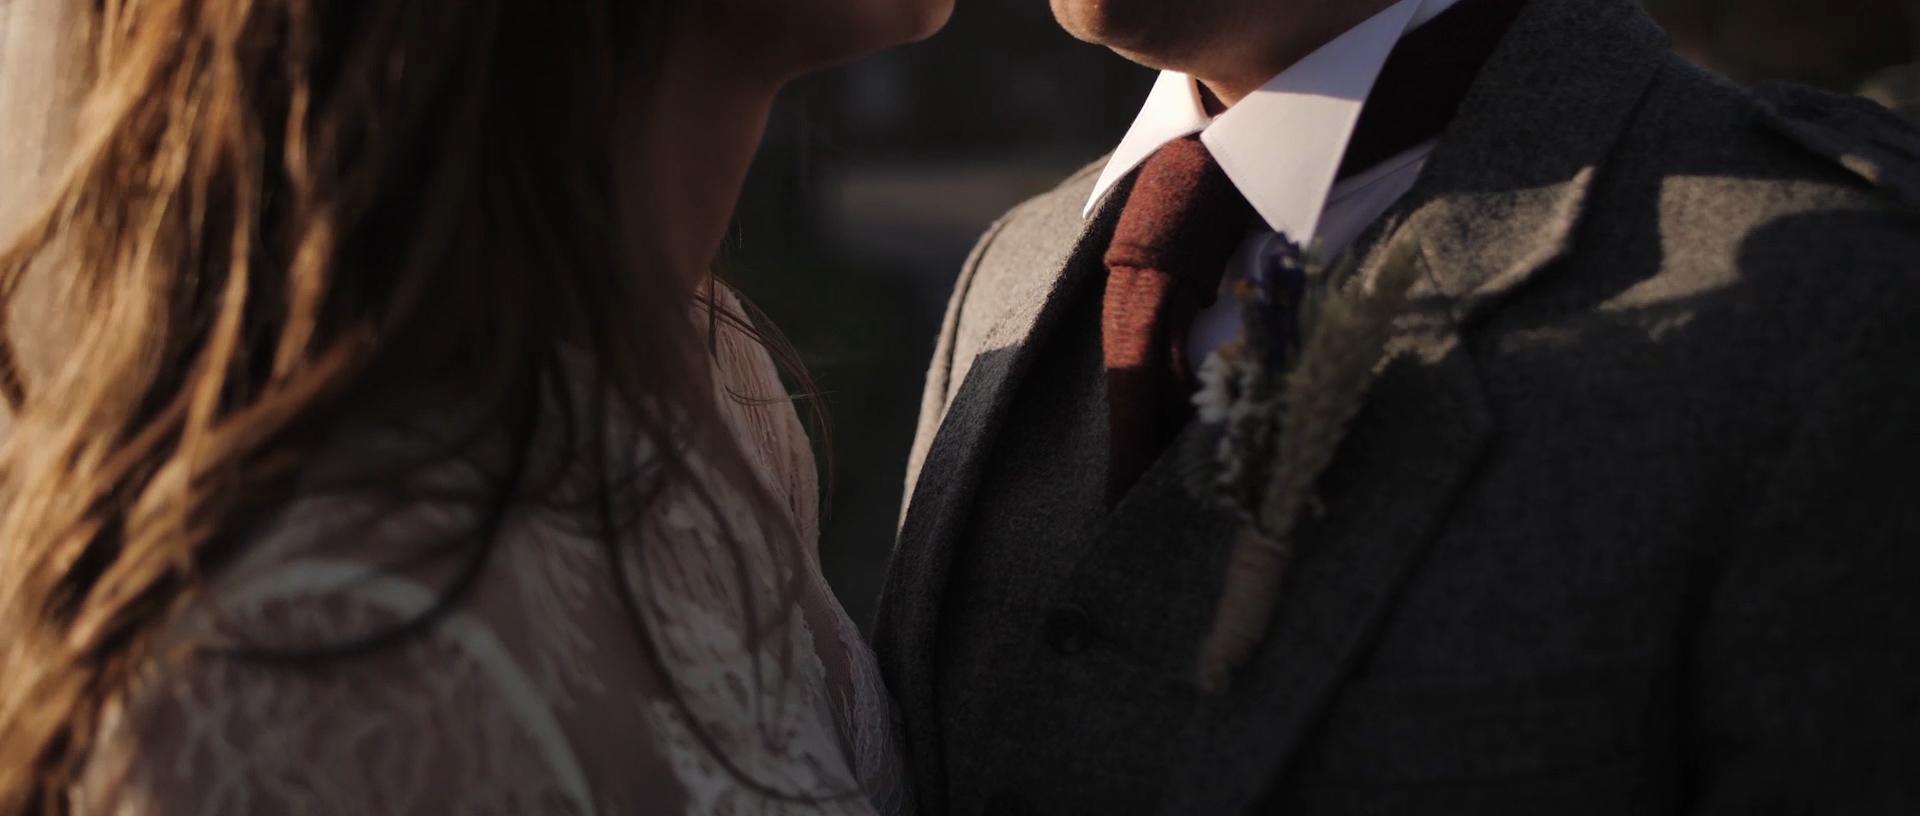 riddles-court-wedding-videographer_LL_04.jpg